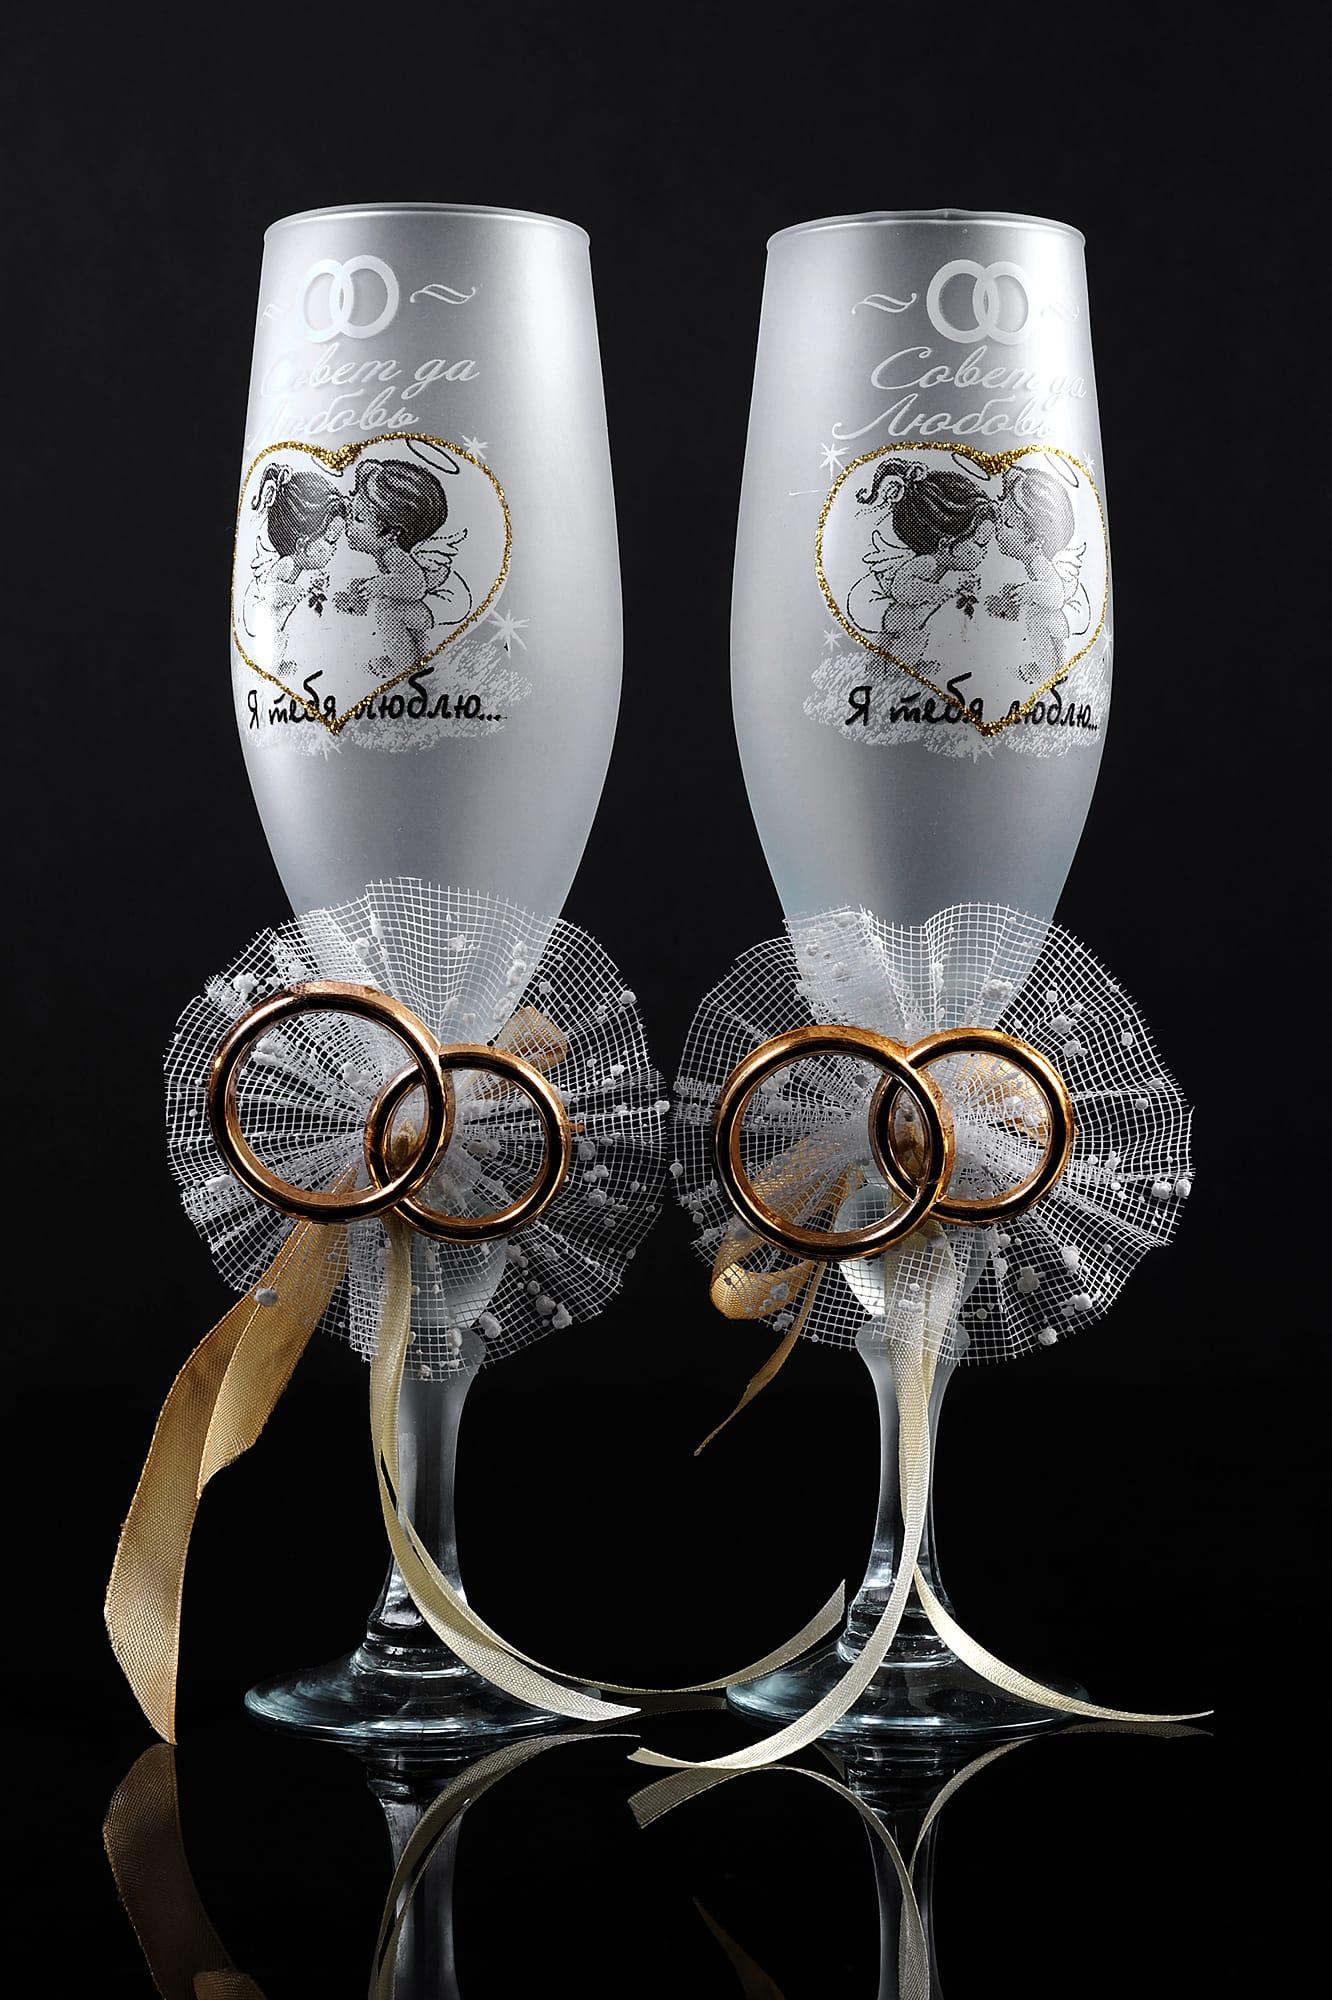 Матовые свадебные фужеры с романтичным рисунком и пышным декором на ножке.